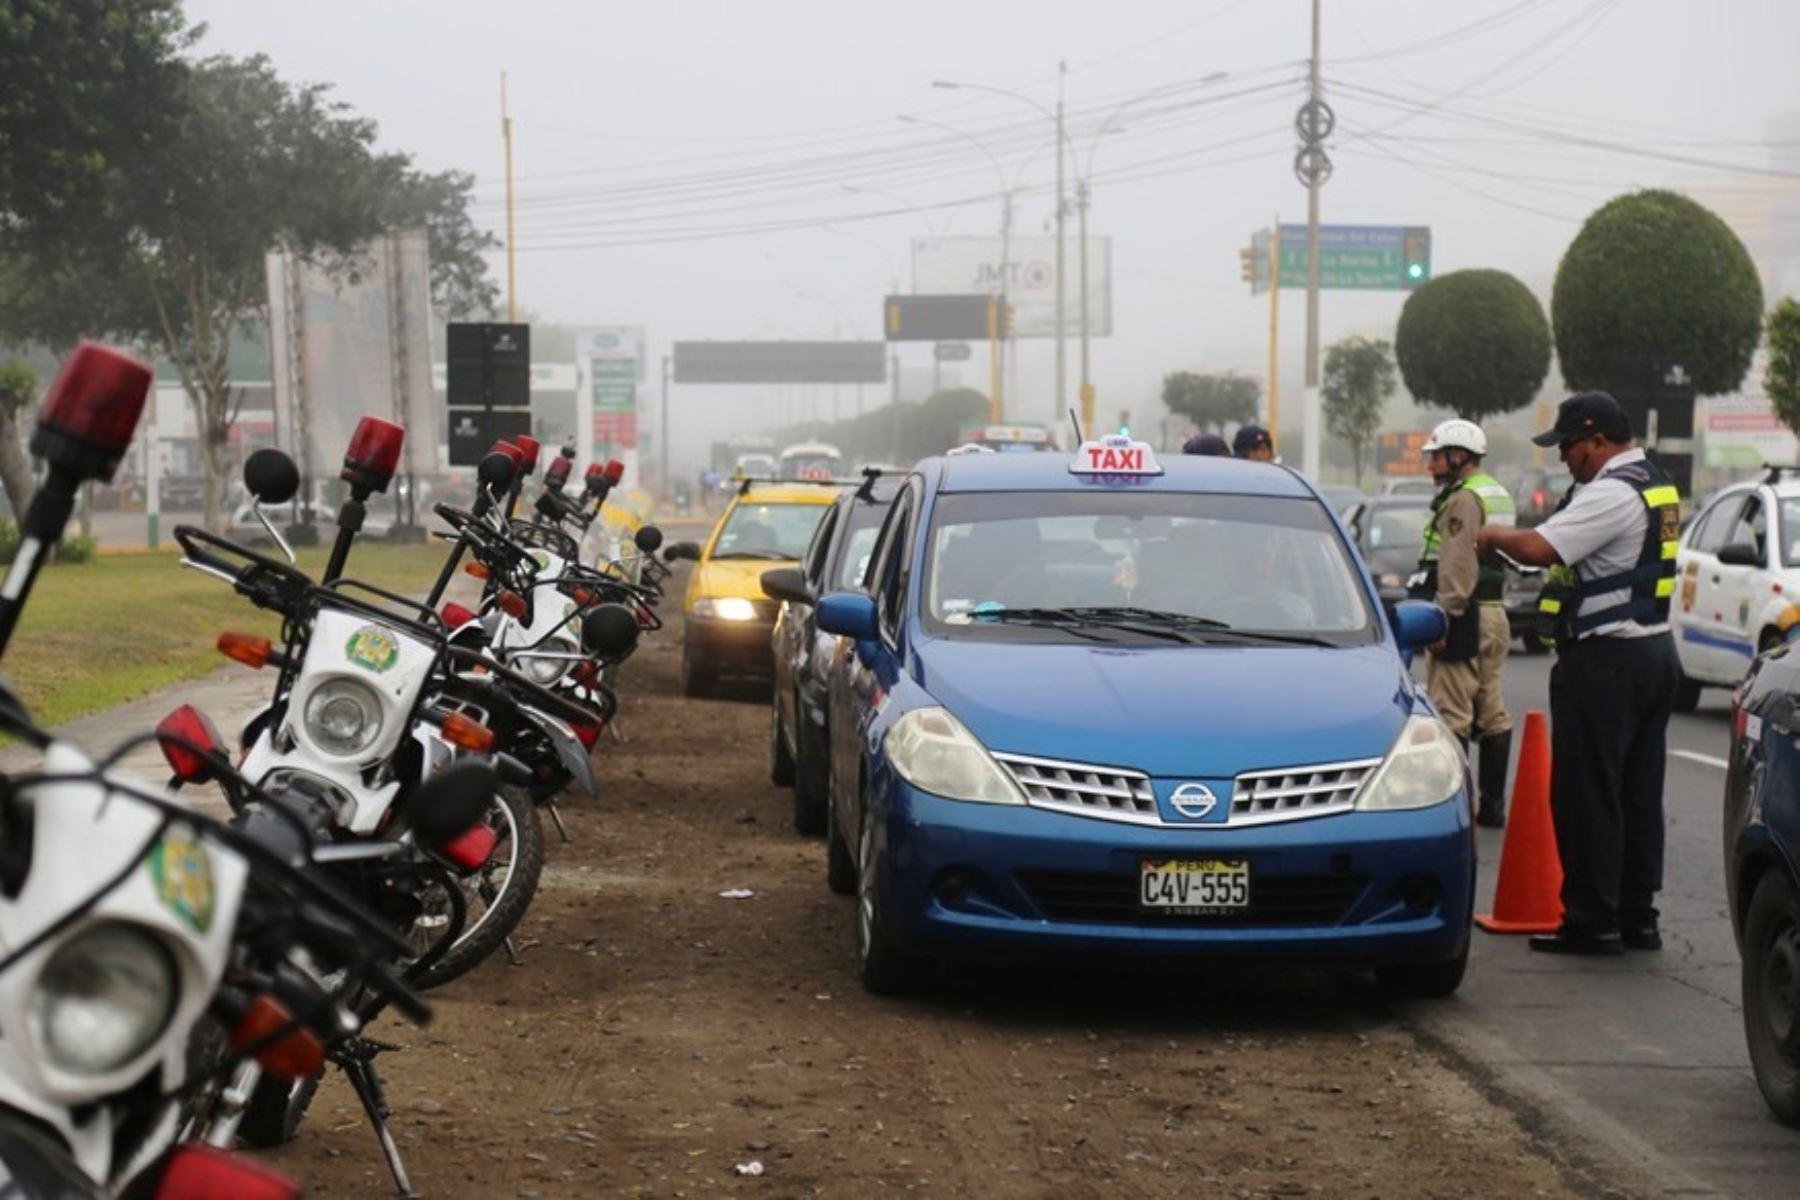 Implementación de carriles exclusivos permitirá que delegaciones, deportistas y autoridades transiten de manera segura y oportuna. Foto: ANDINA/Difusión